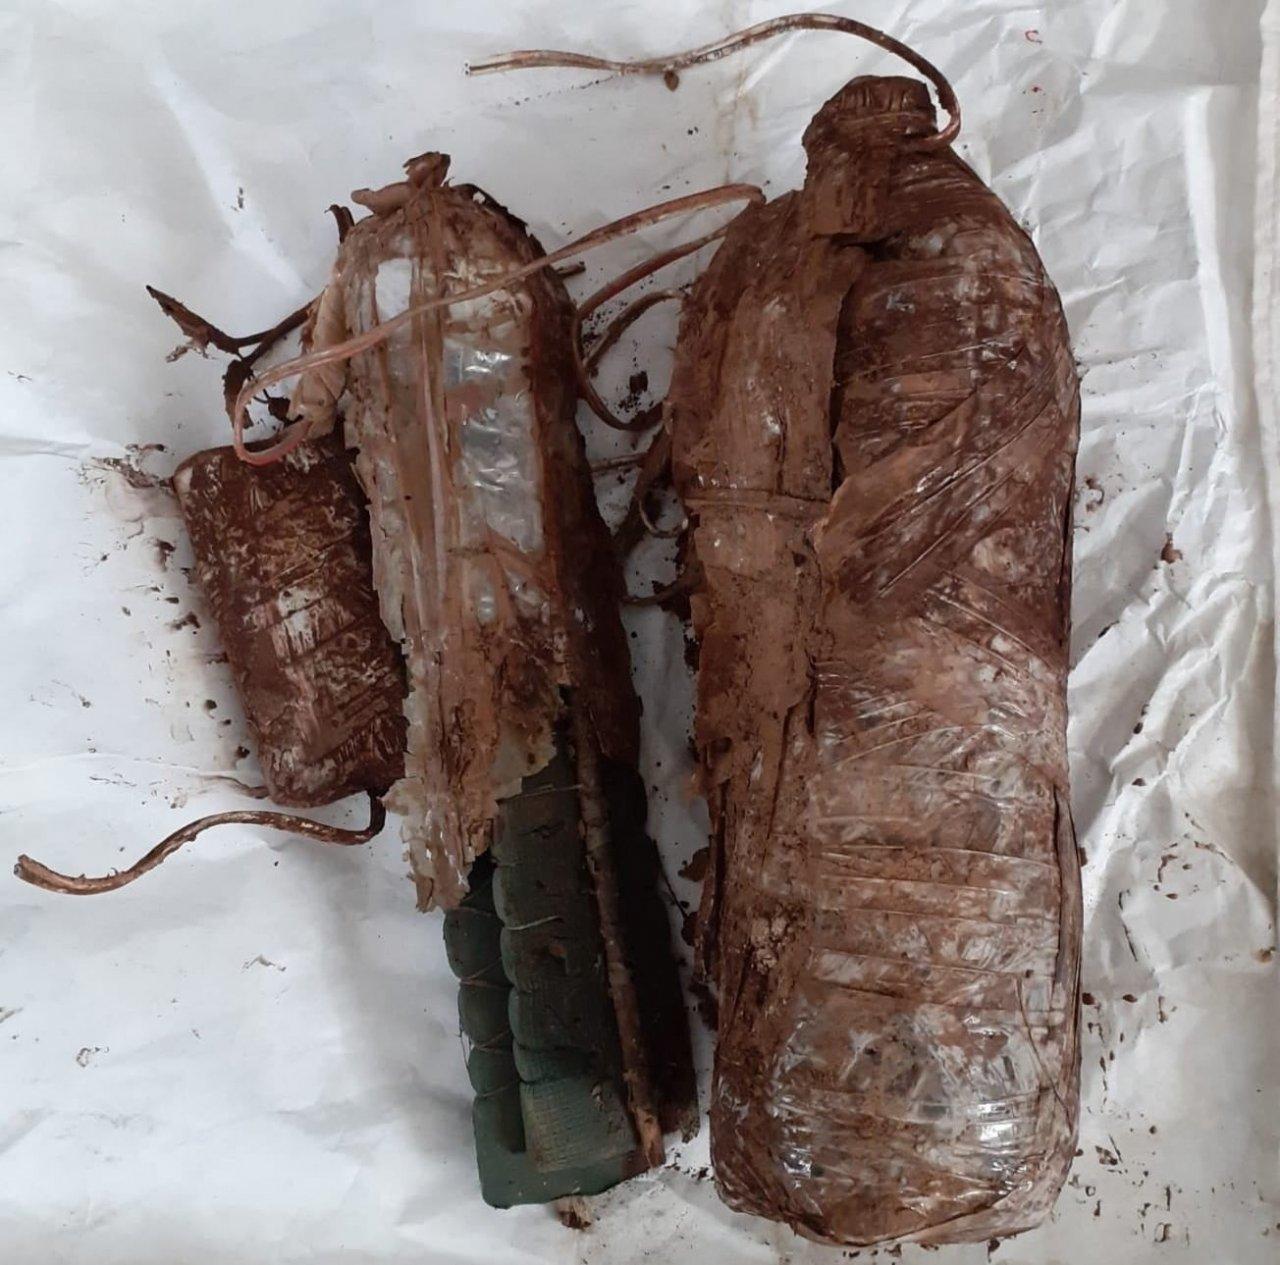 Bitlis Kırsalında Teröristlerce Toprağa Gizlenmiş 4 Adet Eyp Ele Geçirildi